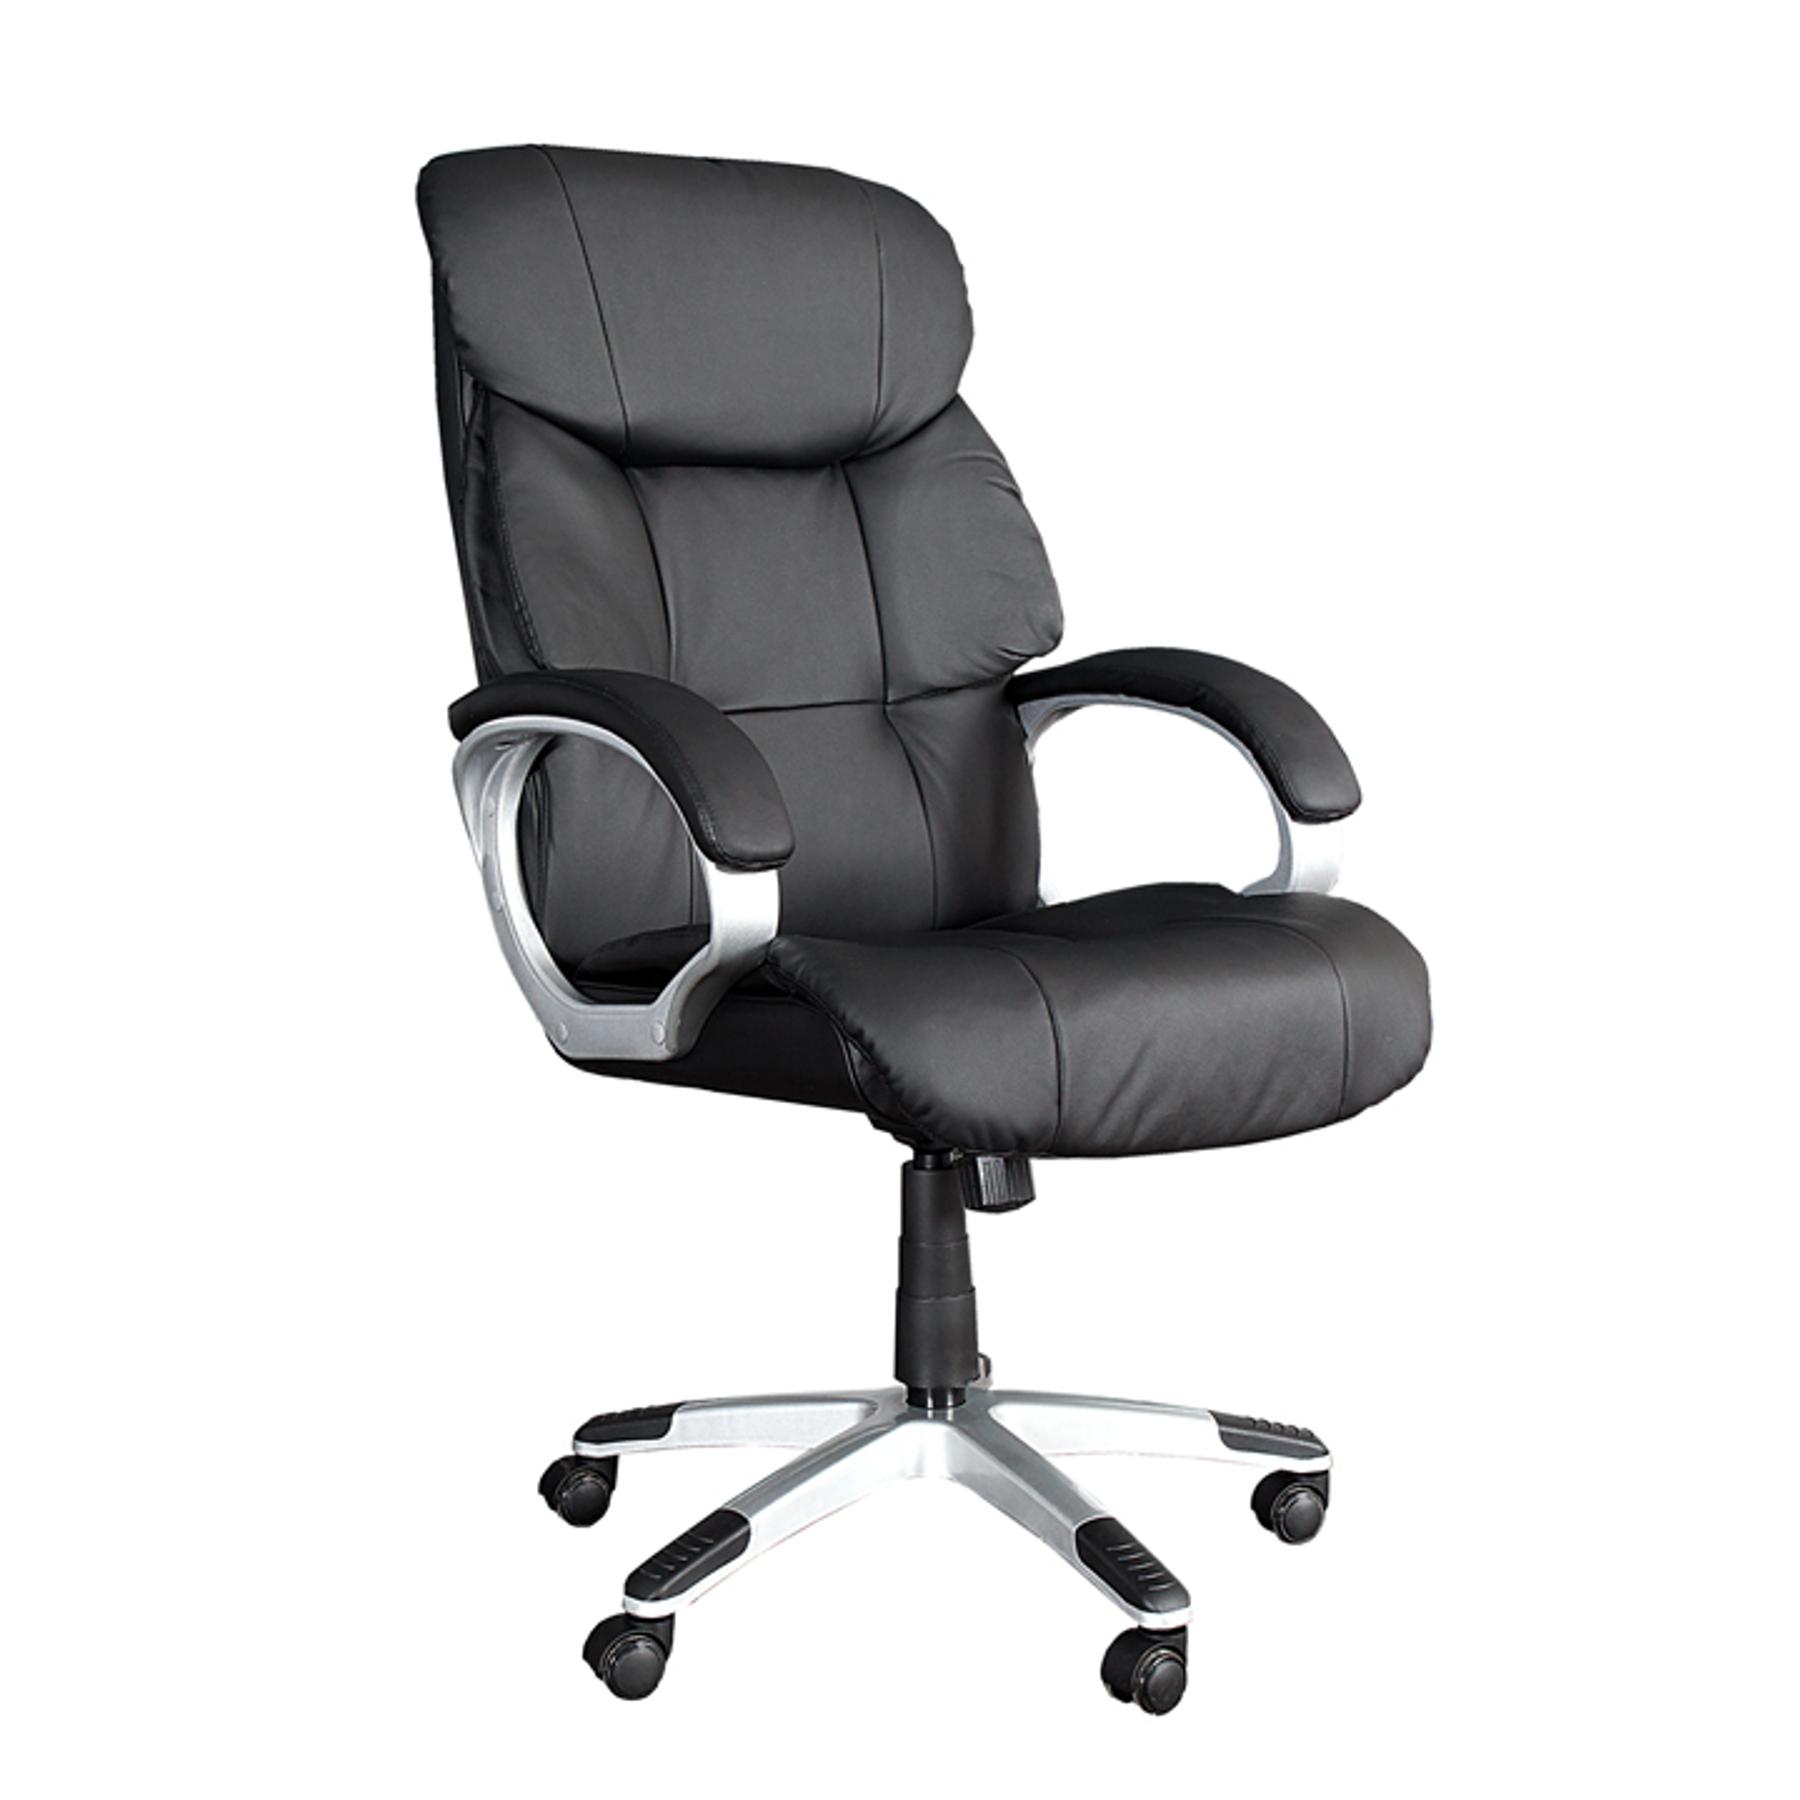 chefsessel strong xxl bis 150 kg schwarz b rostuhl sessel stuhl drehstuhl 4250243556901 ebay. Black Bedroom Furniture Sets. Home Design Ideas